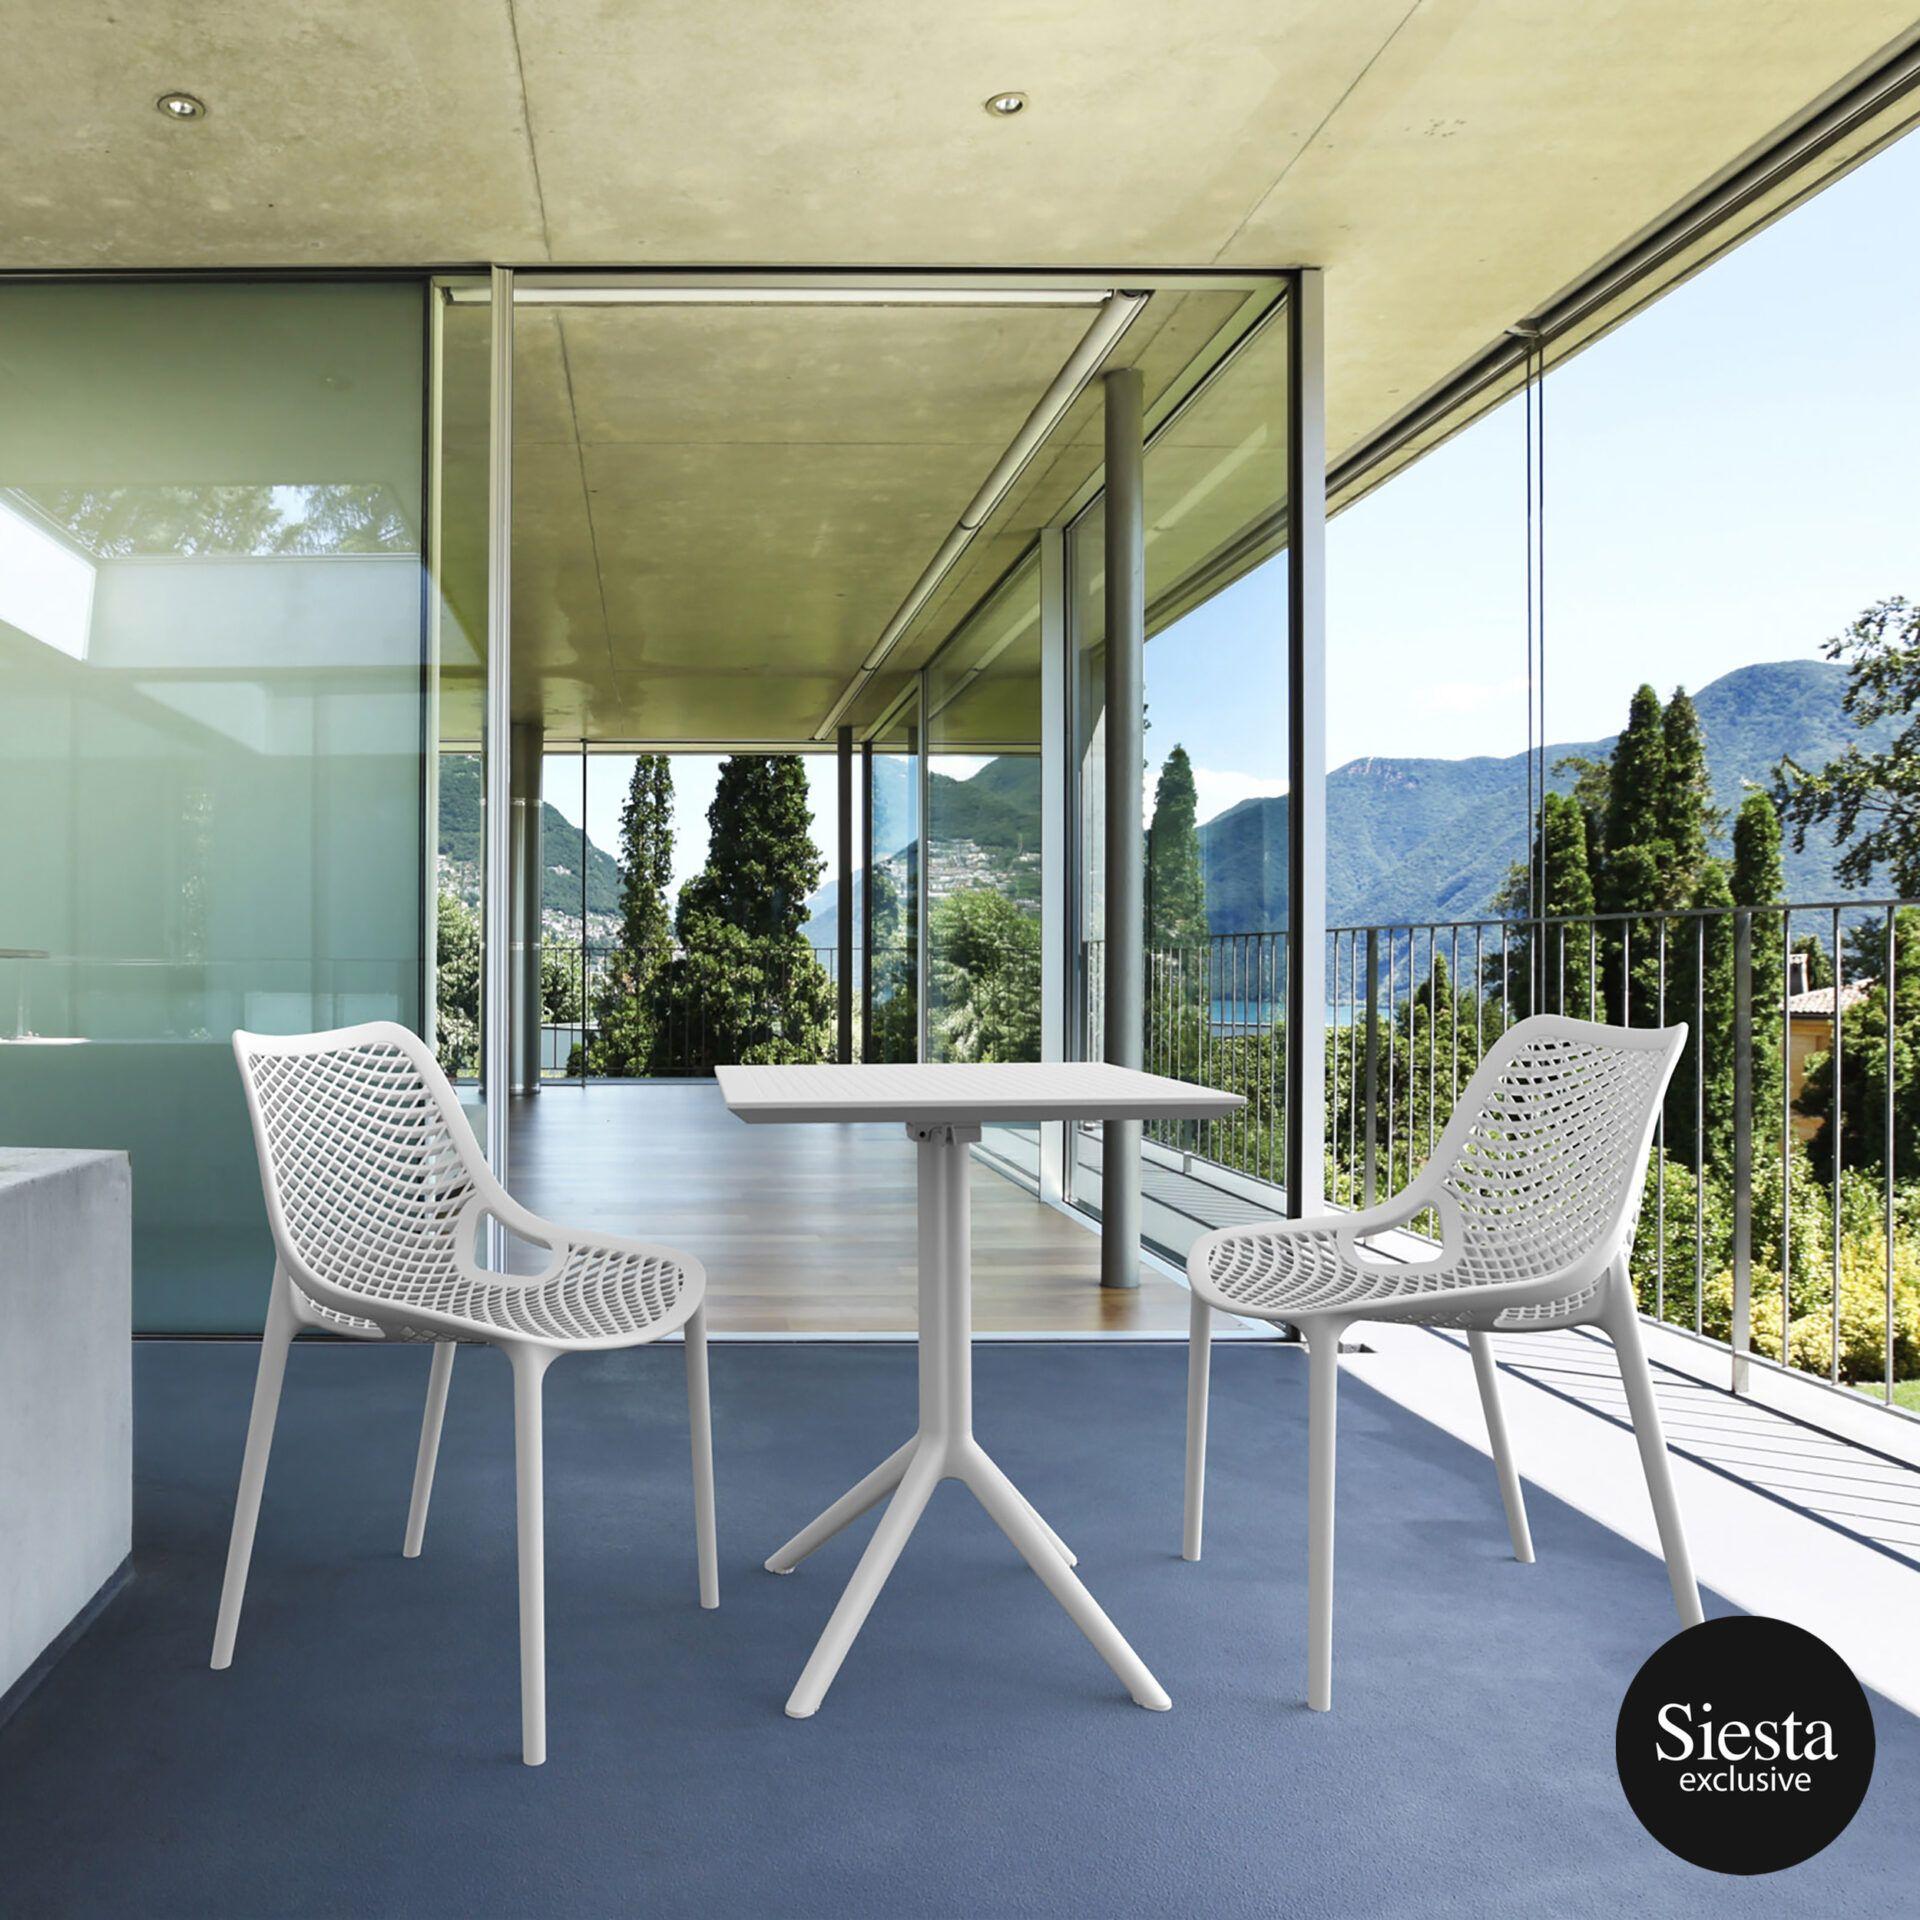 820 air sky folding table 60